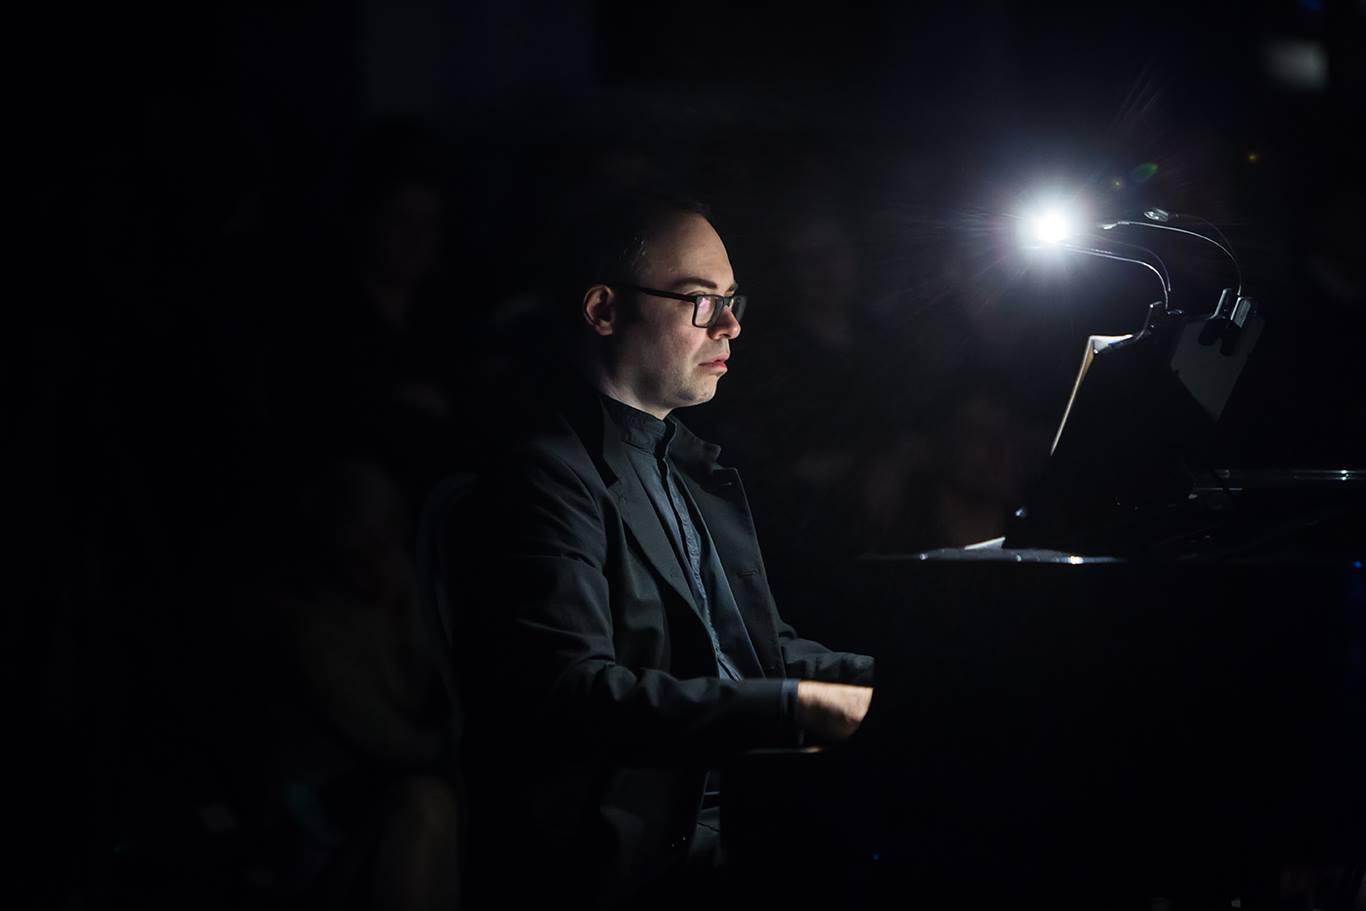 Александр Мельников, Piano-gala. Фото - Александра Муравьева